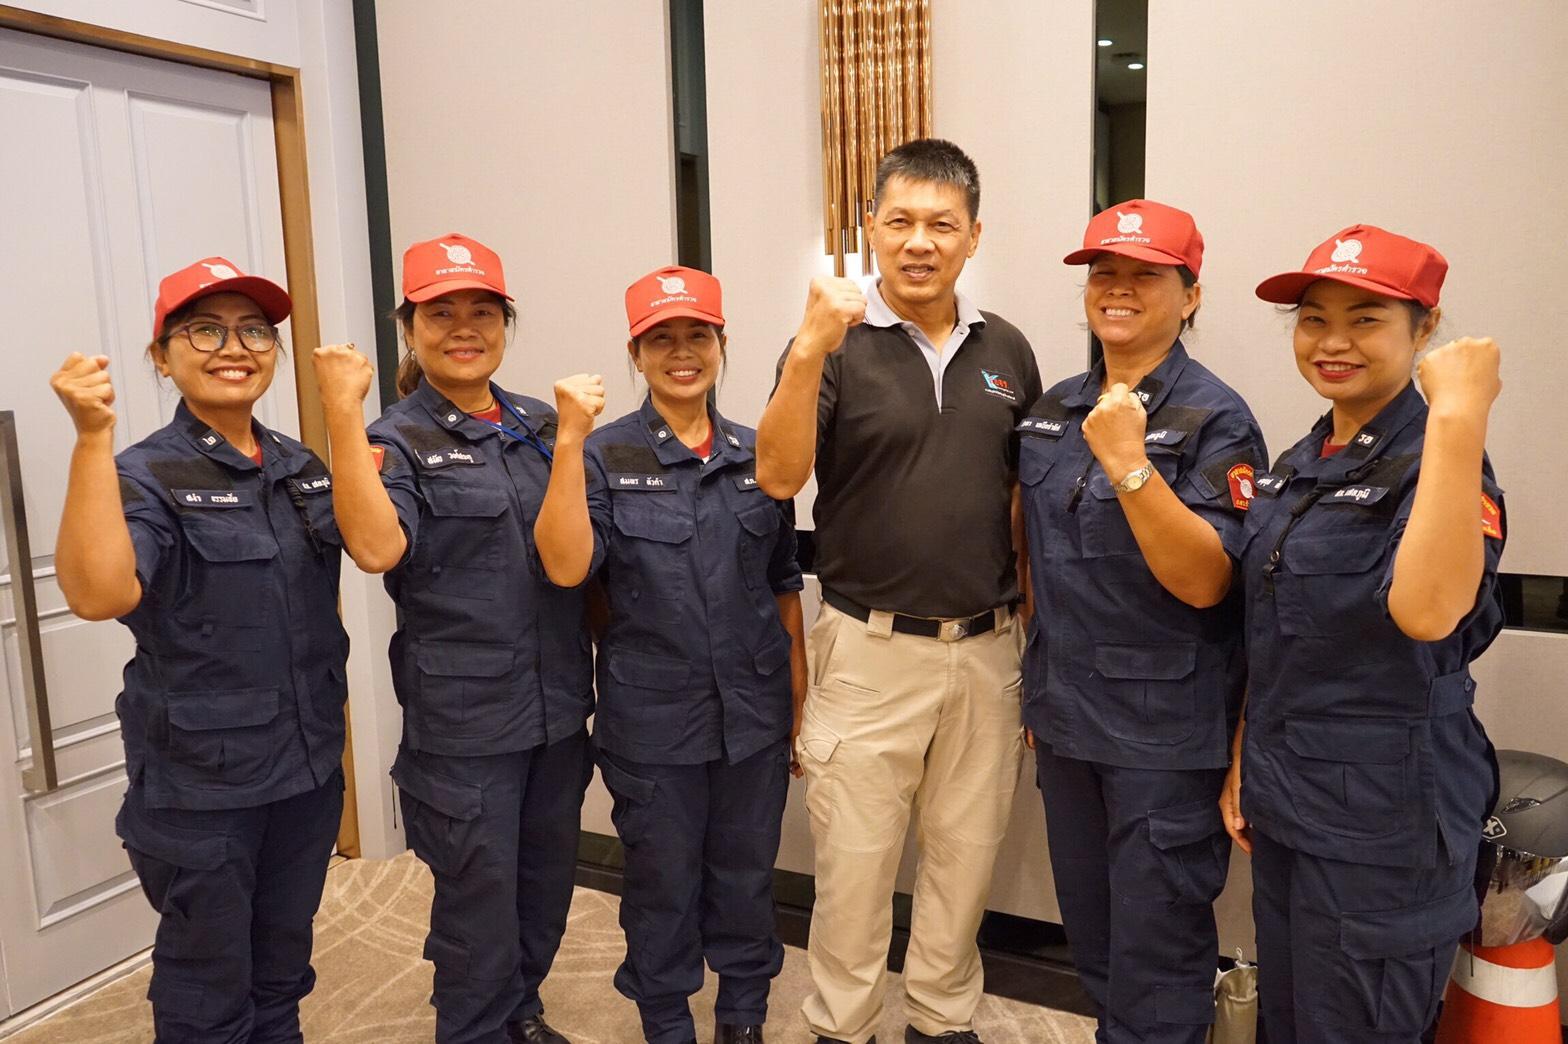 สสส.-สอจร. ร่วมรณรงค์ใส่หมวกกันน็อคช่วงสงกรานต์  thaihealth